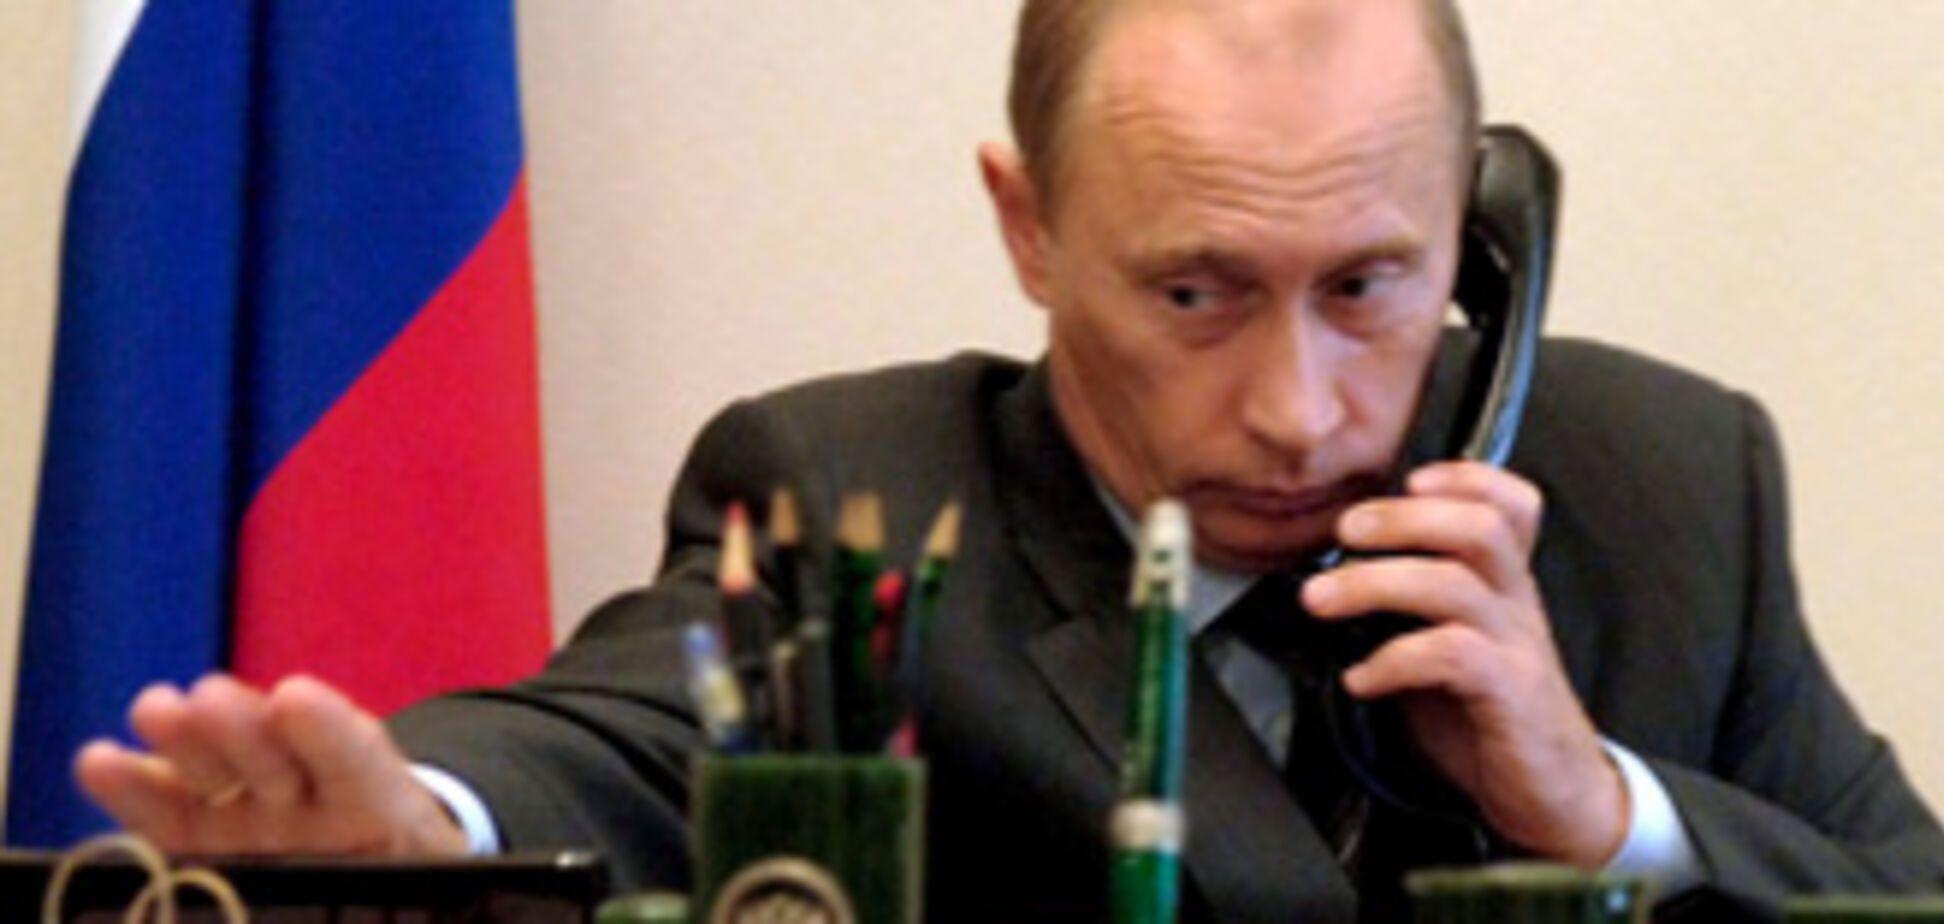 Борьба Медведева и Путина приведет к расколу - СМИ